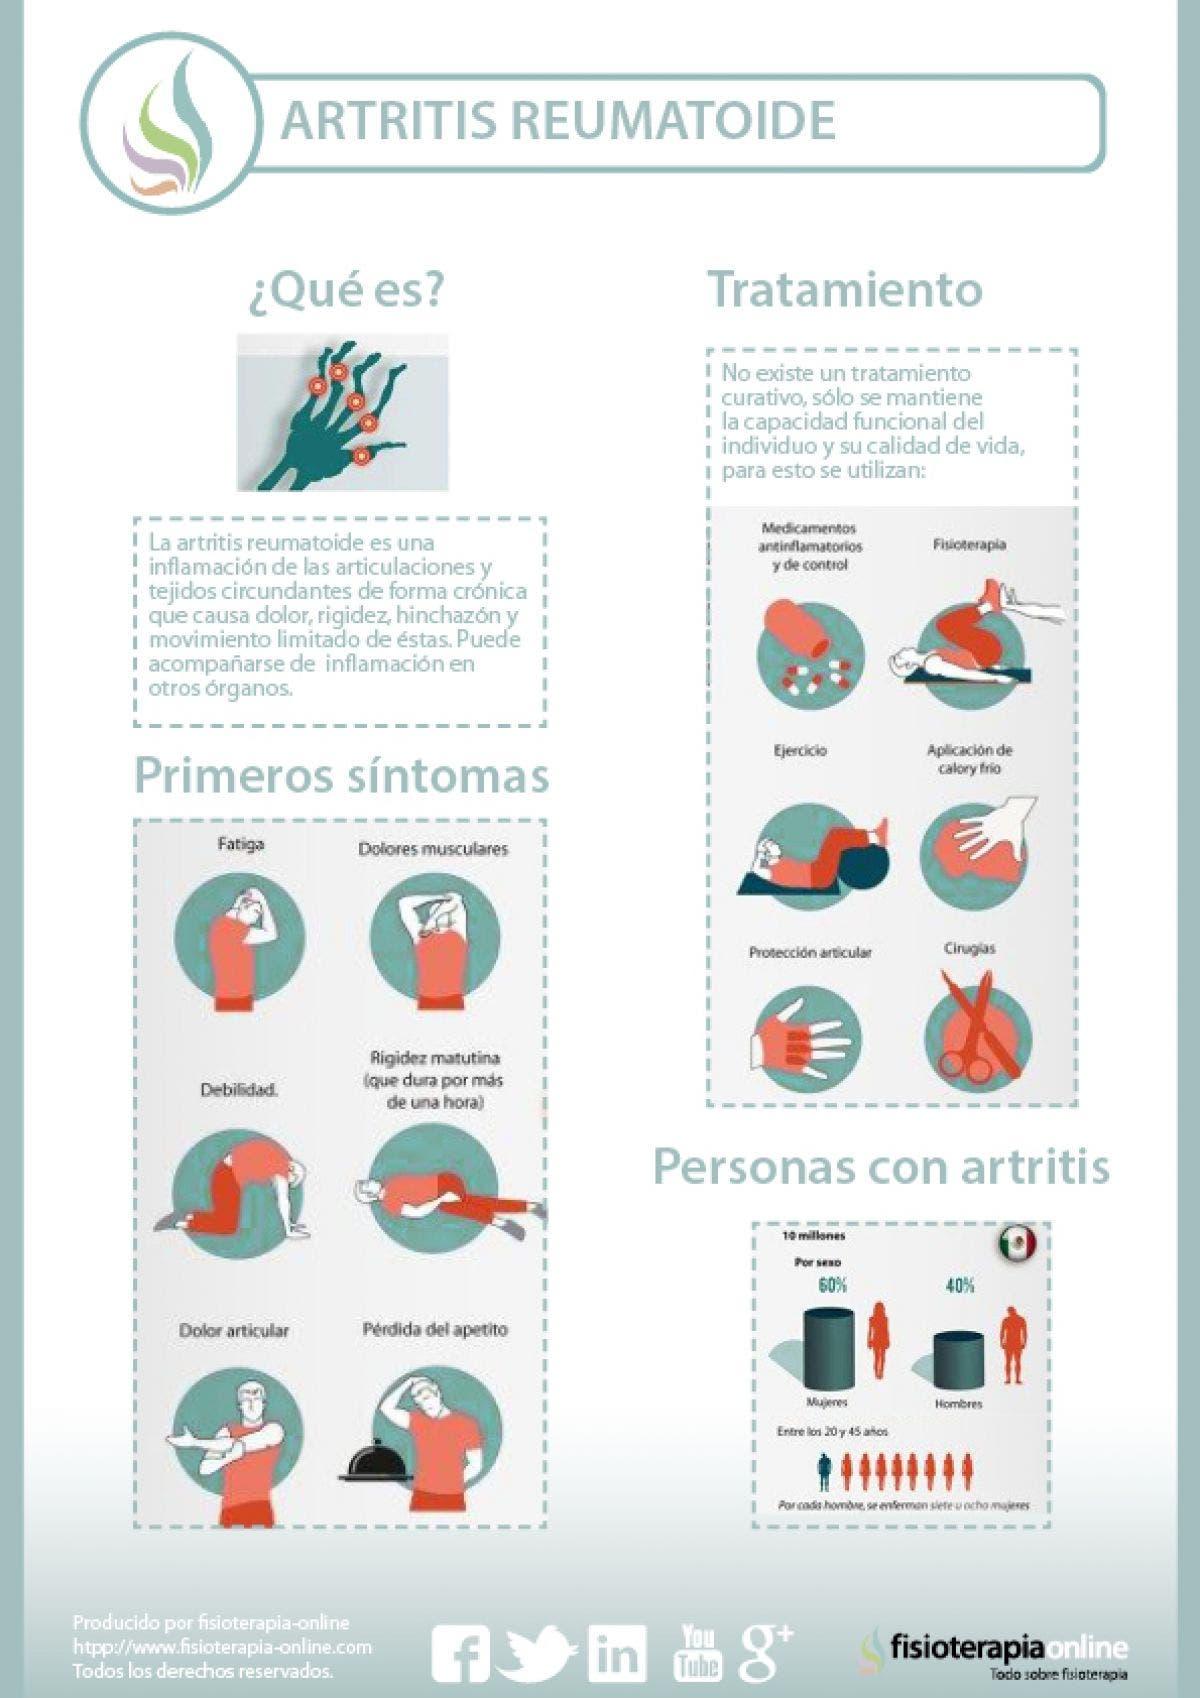 ¿Qué es la artritis reumatoide y qué diferencia la artritis de la artrosis?